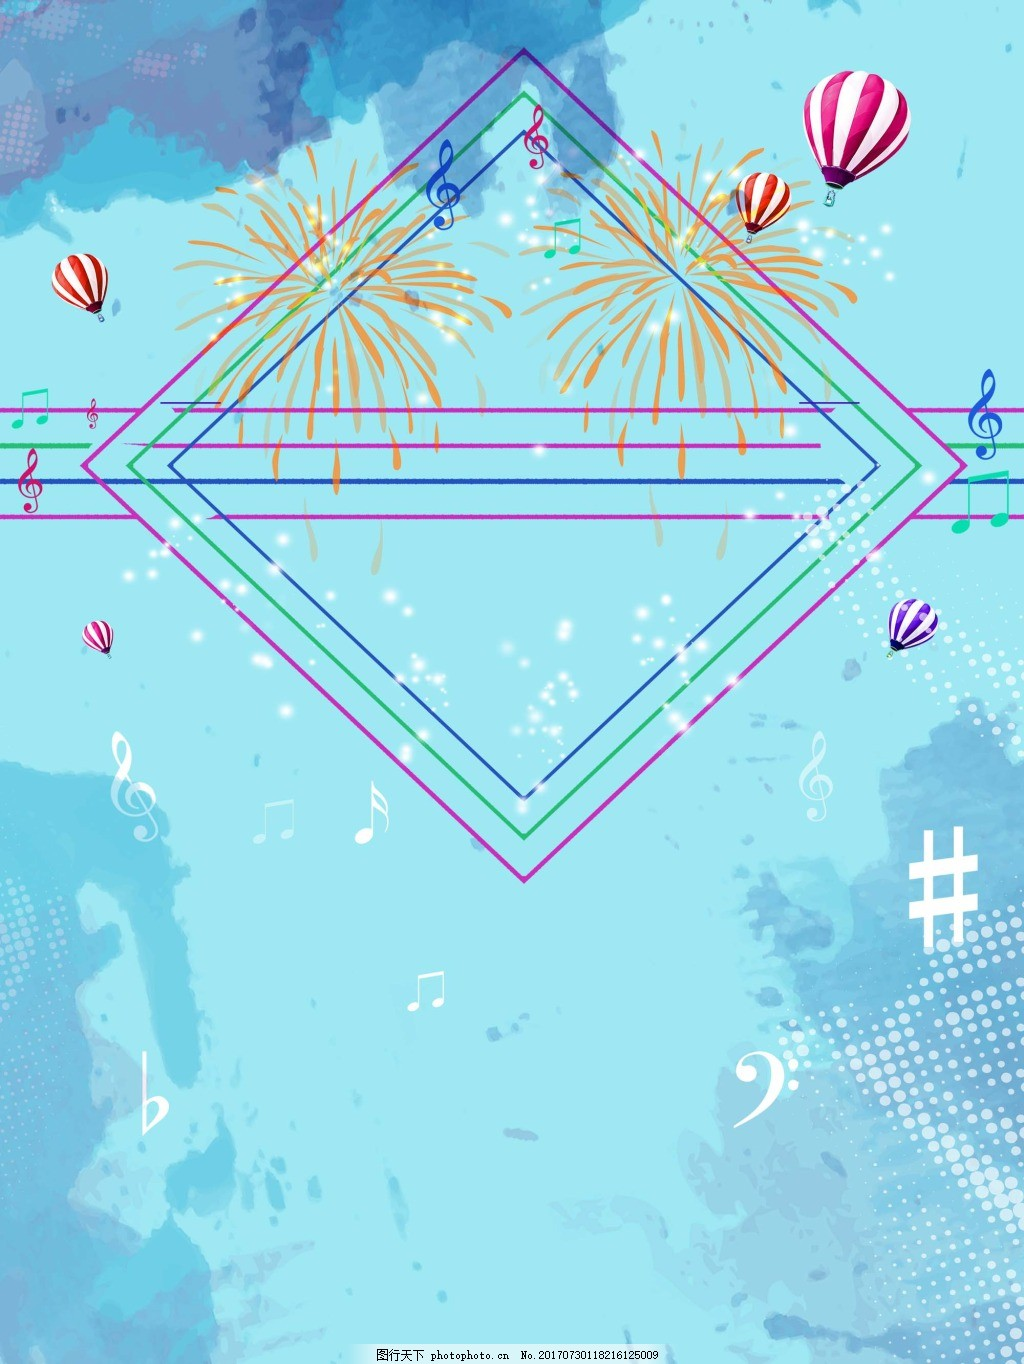 彩色线条几何背景 条纹 热气球 天空 音符 蓝色背景